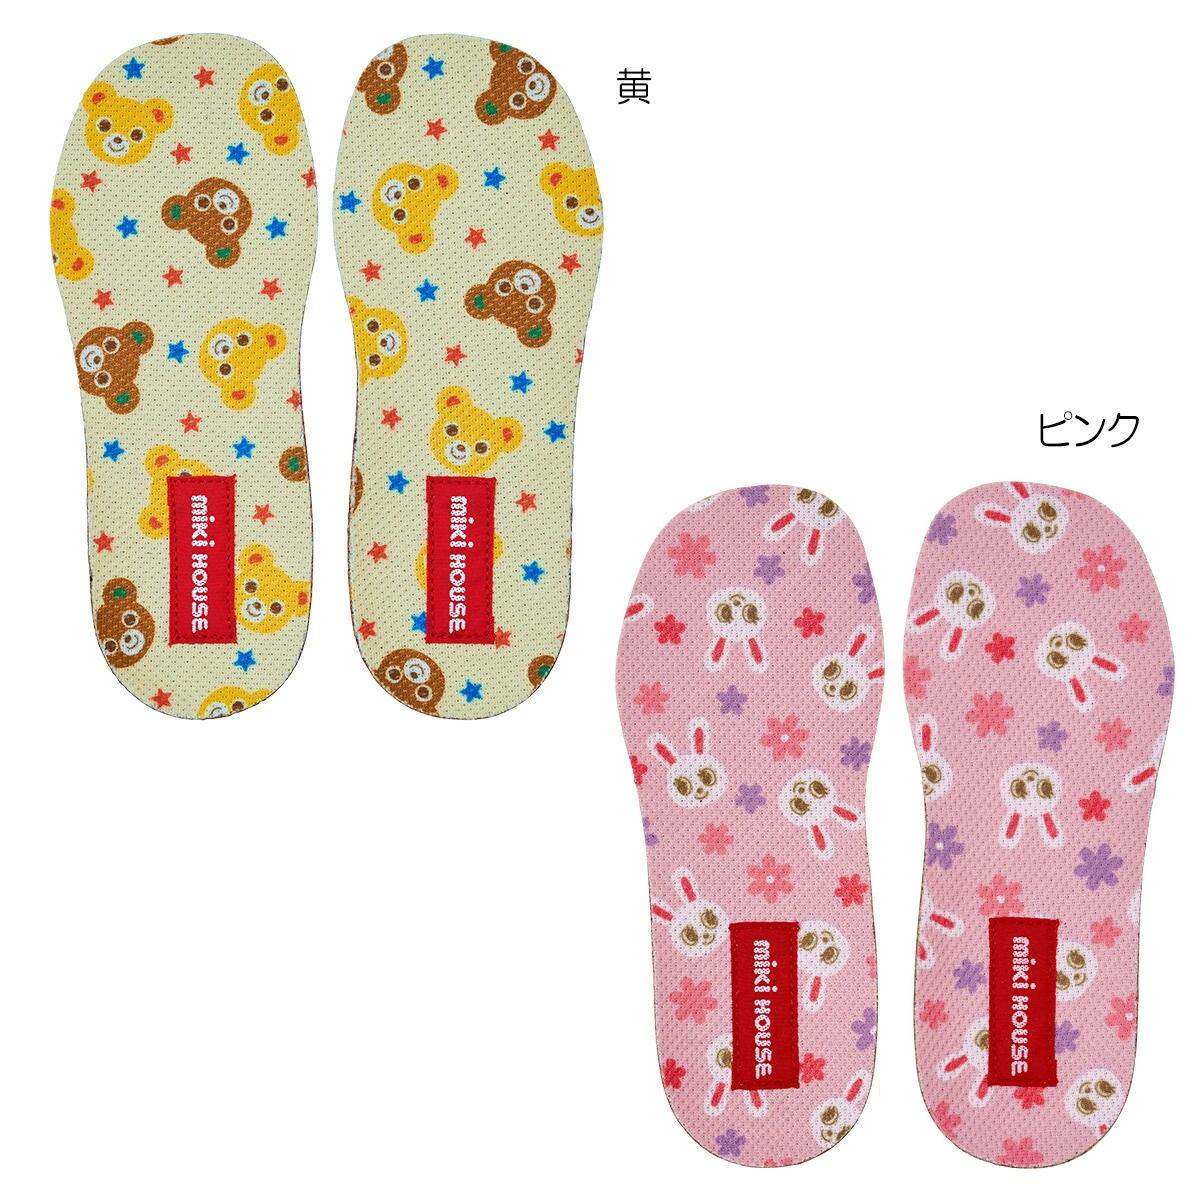 ☆ミキハウス☆ mikihouse 日本 ミキハウス 受賞店 14cm-17cm 総柄中敷き